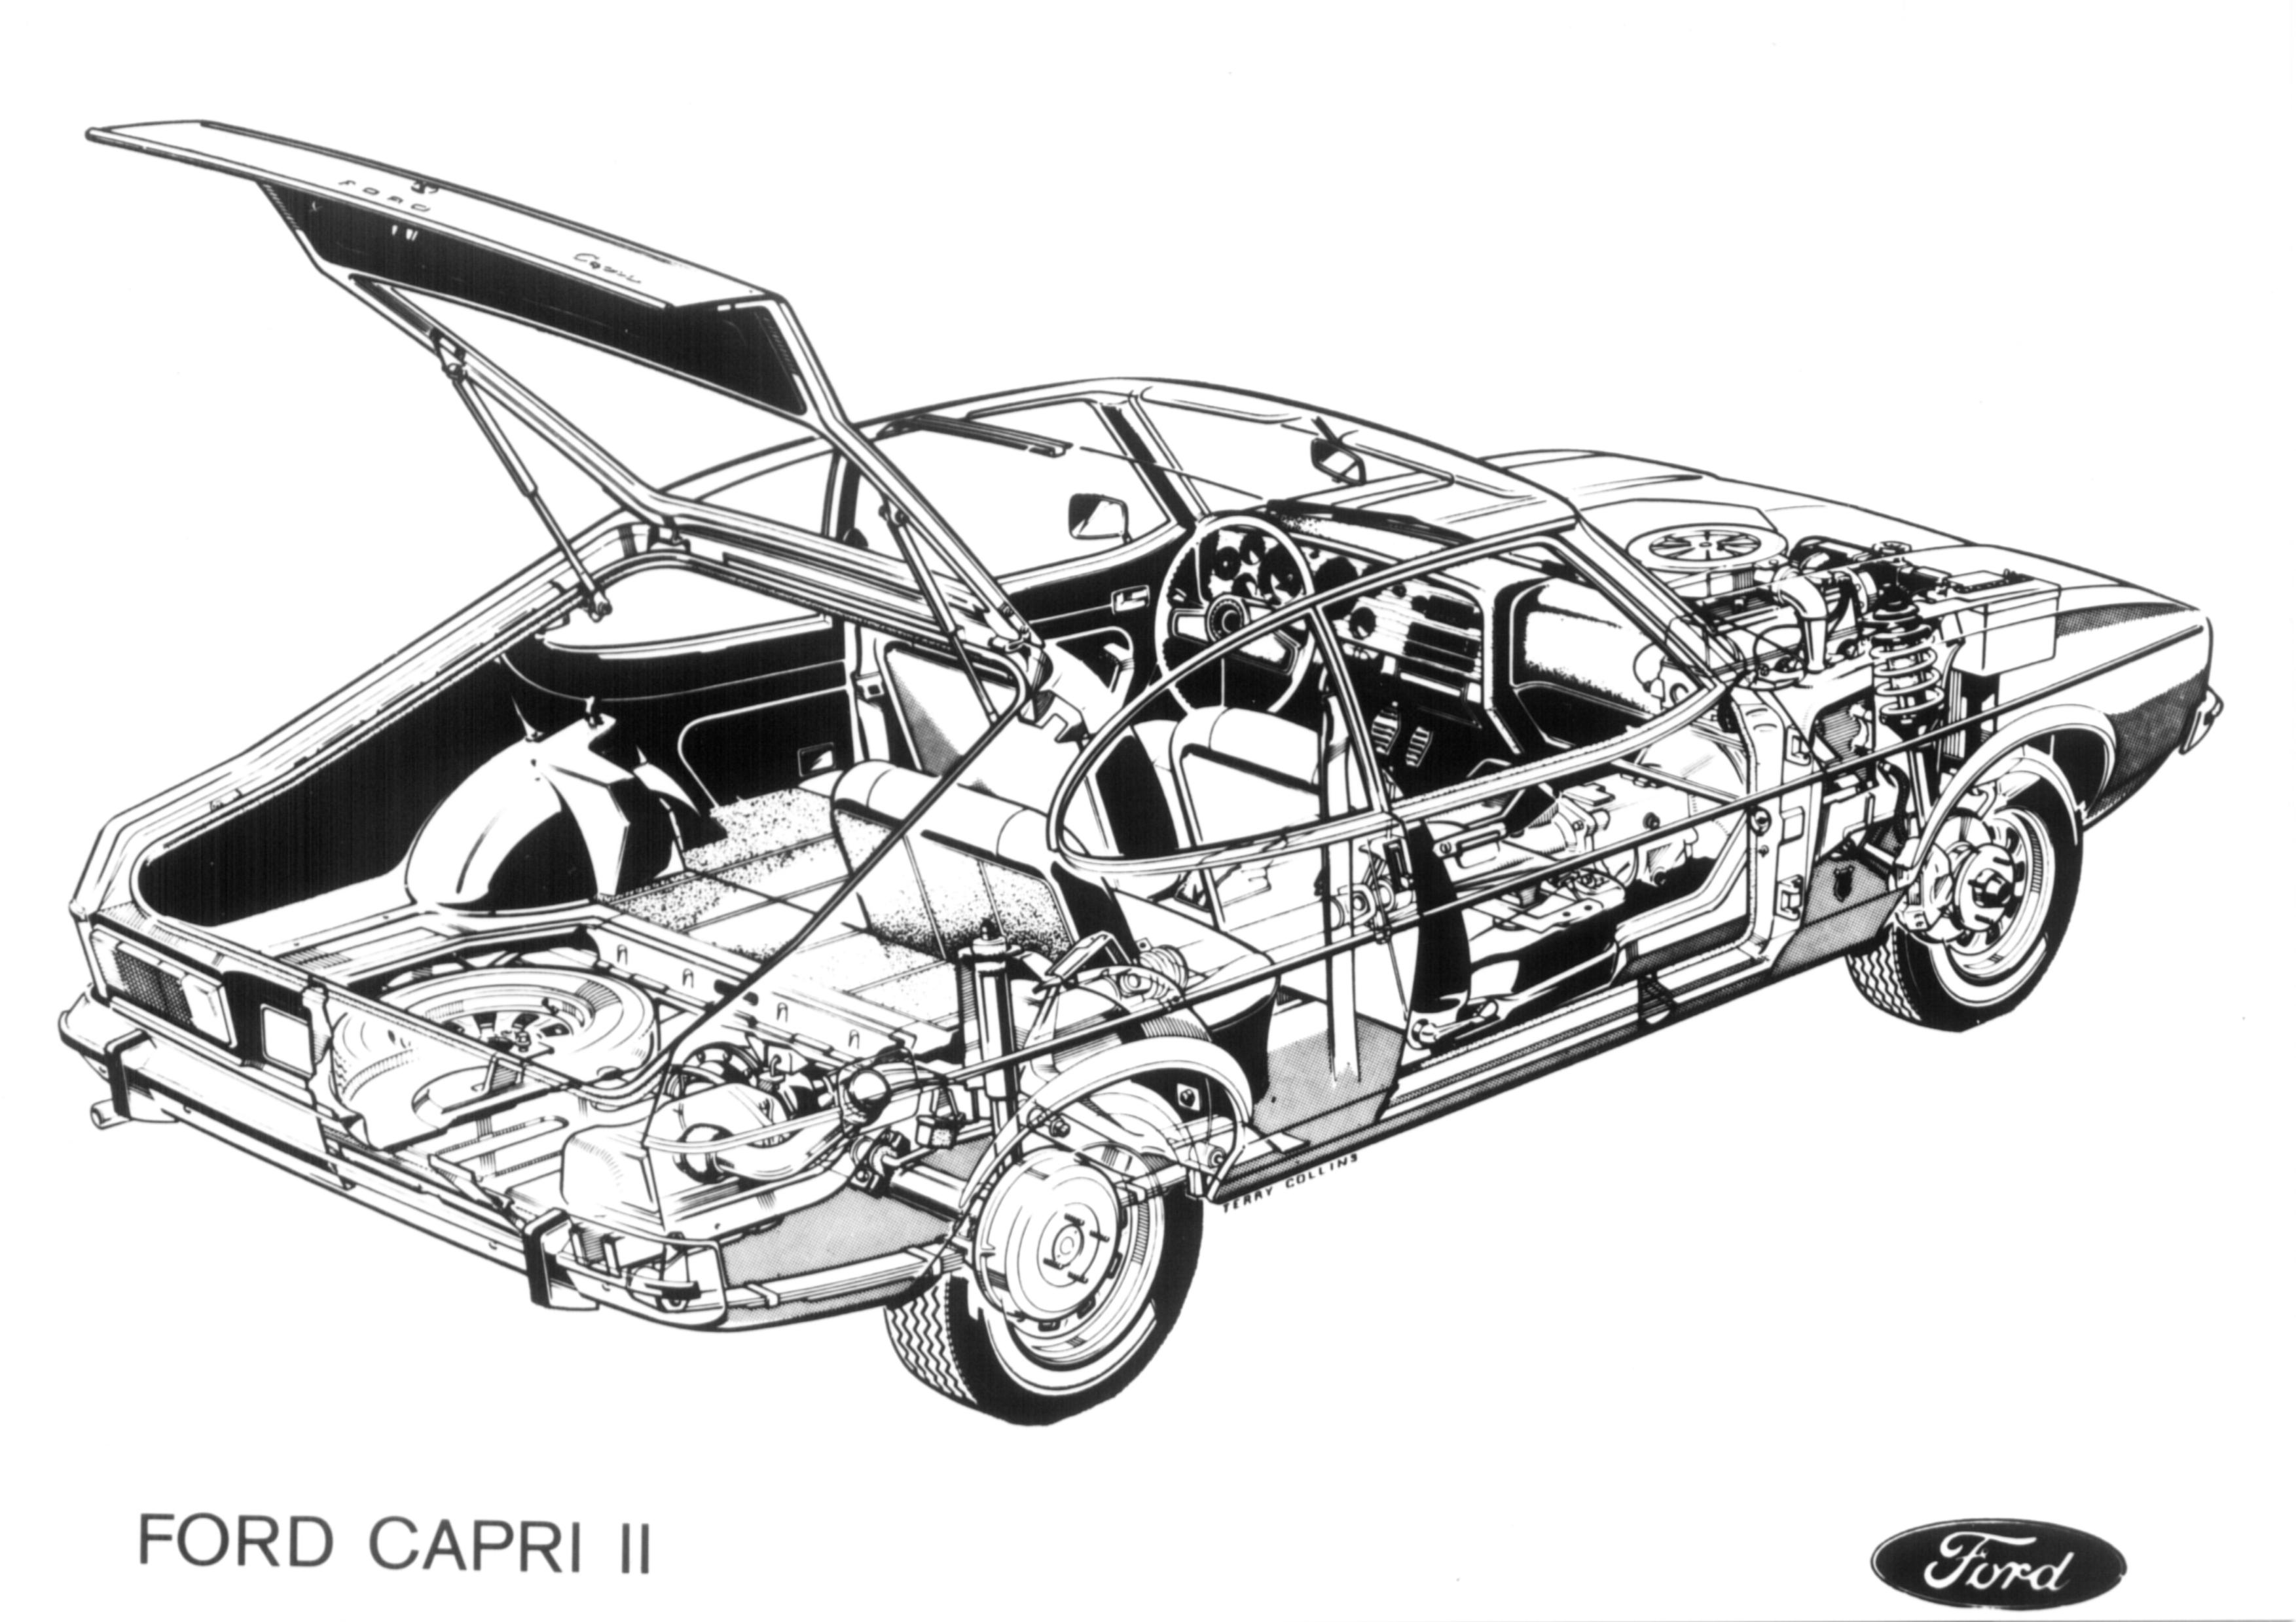 Postkort-FORD-CAPRI-II-cutaway-2